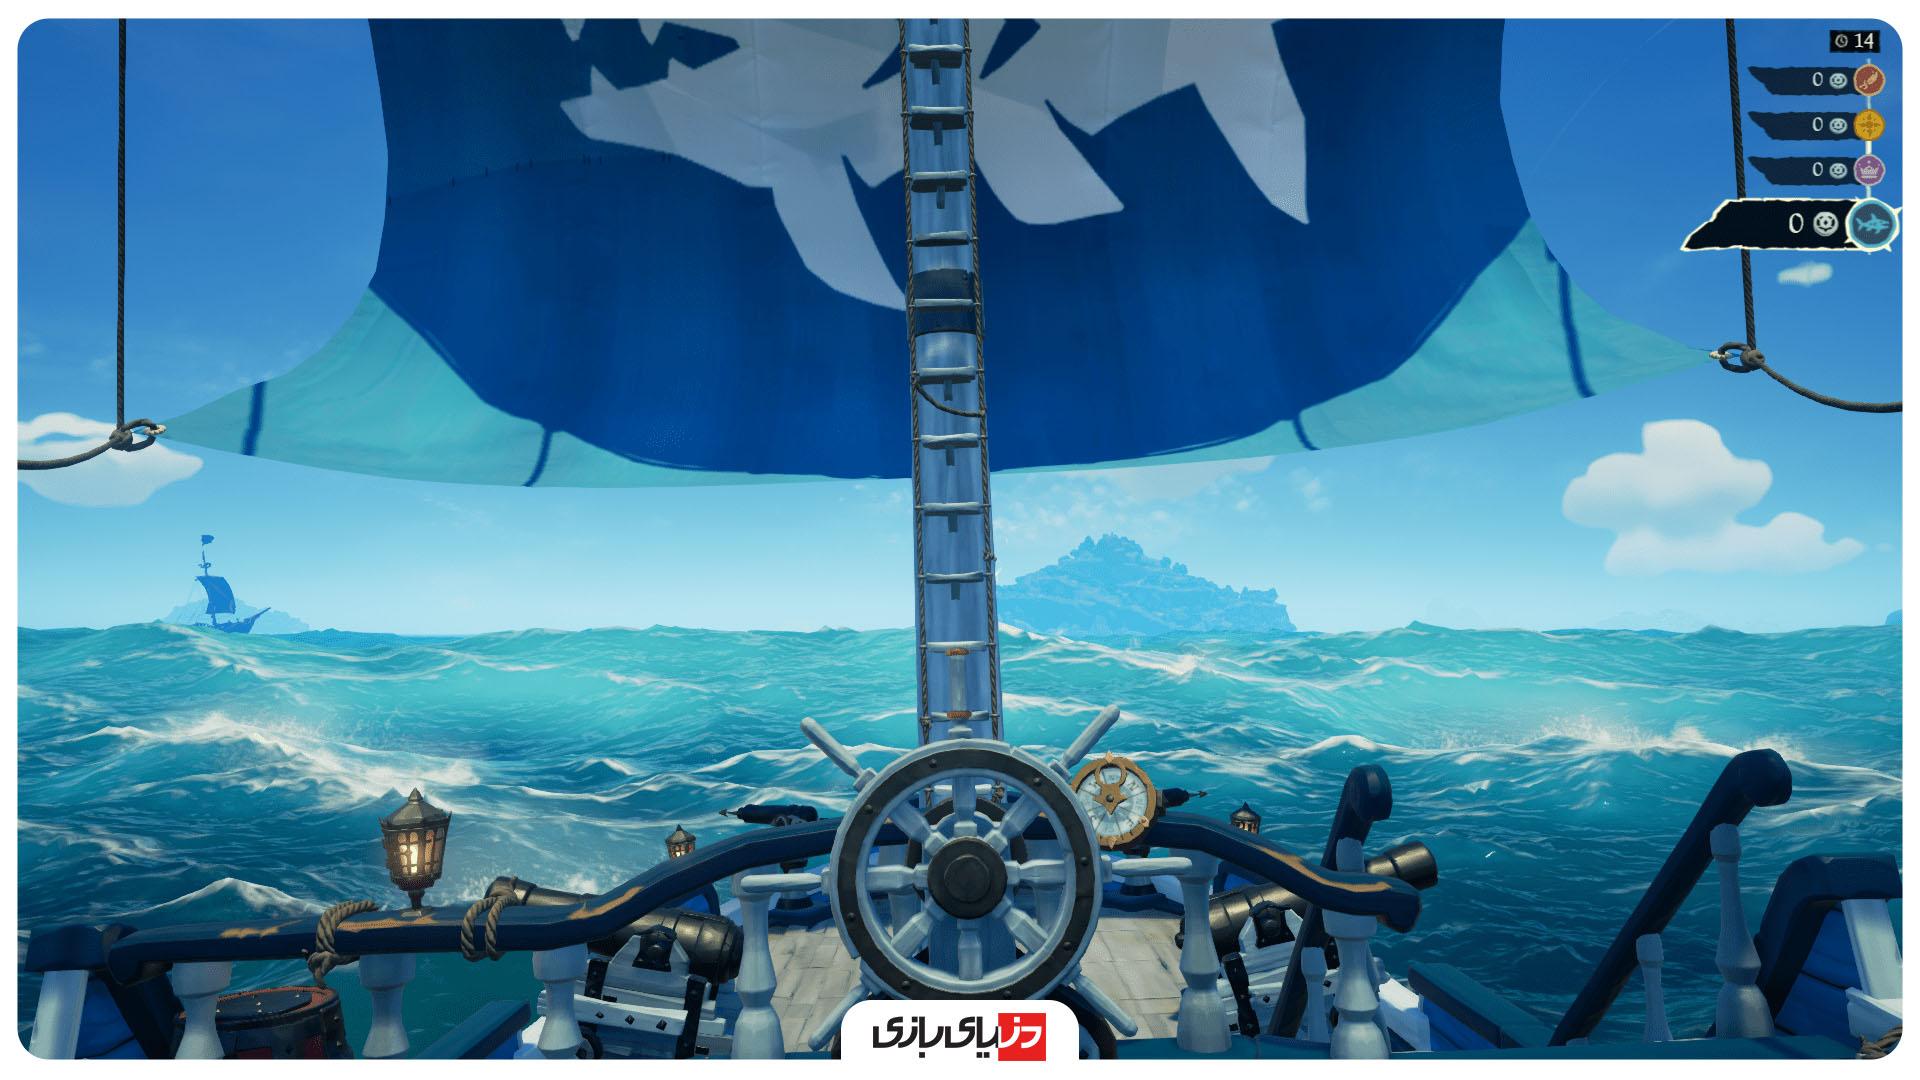 بررسی بازی Sea of Thieves - خرید بازی Sea of Thieves